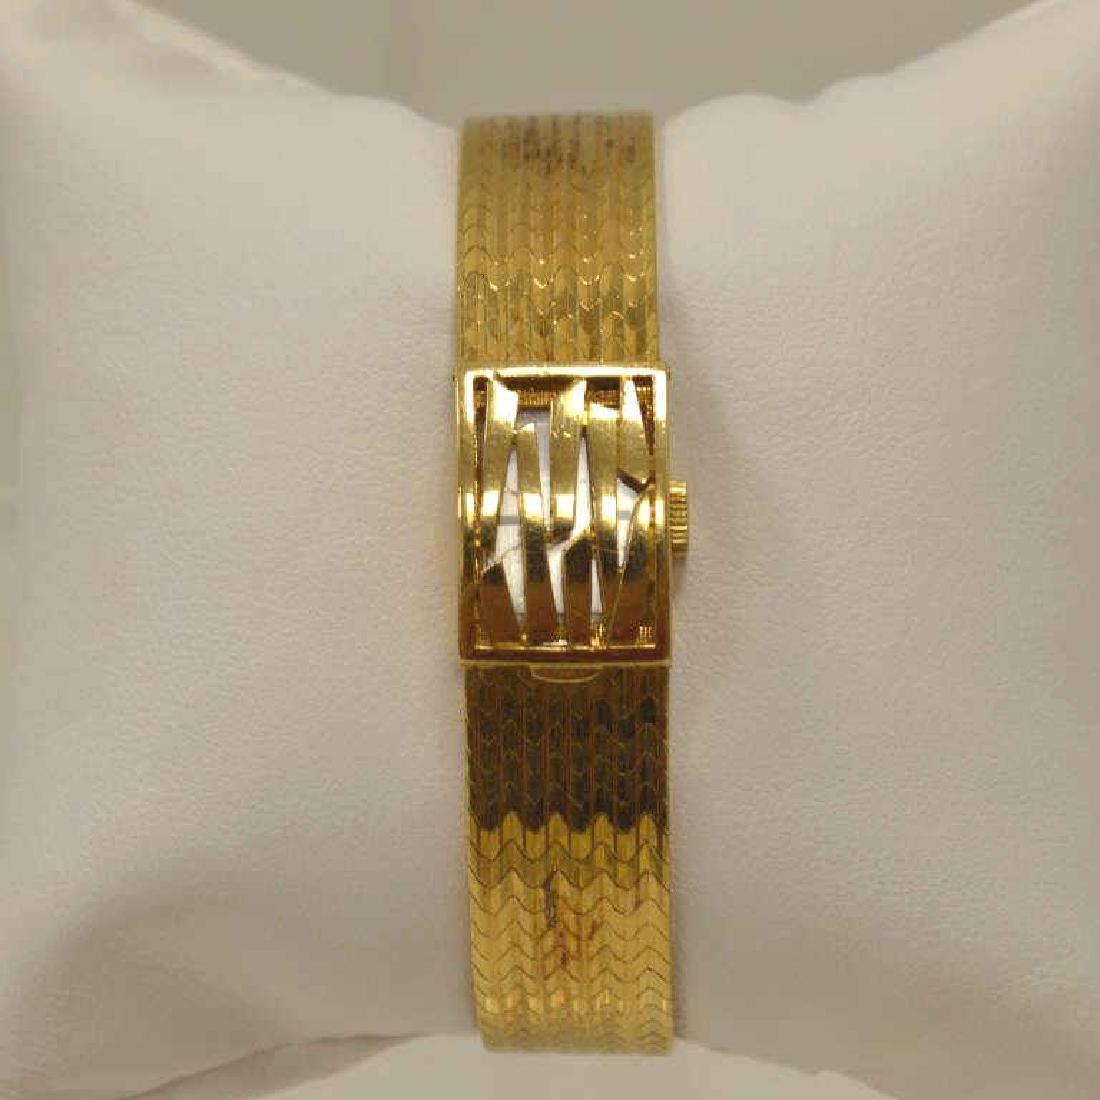 18kt yellow gold Bucherer watch